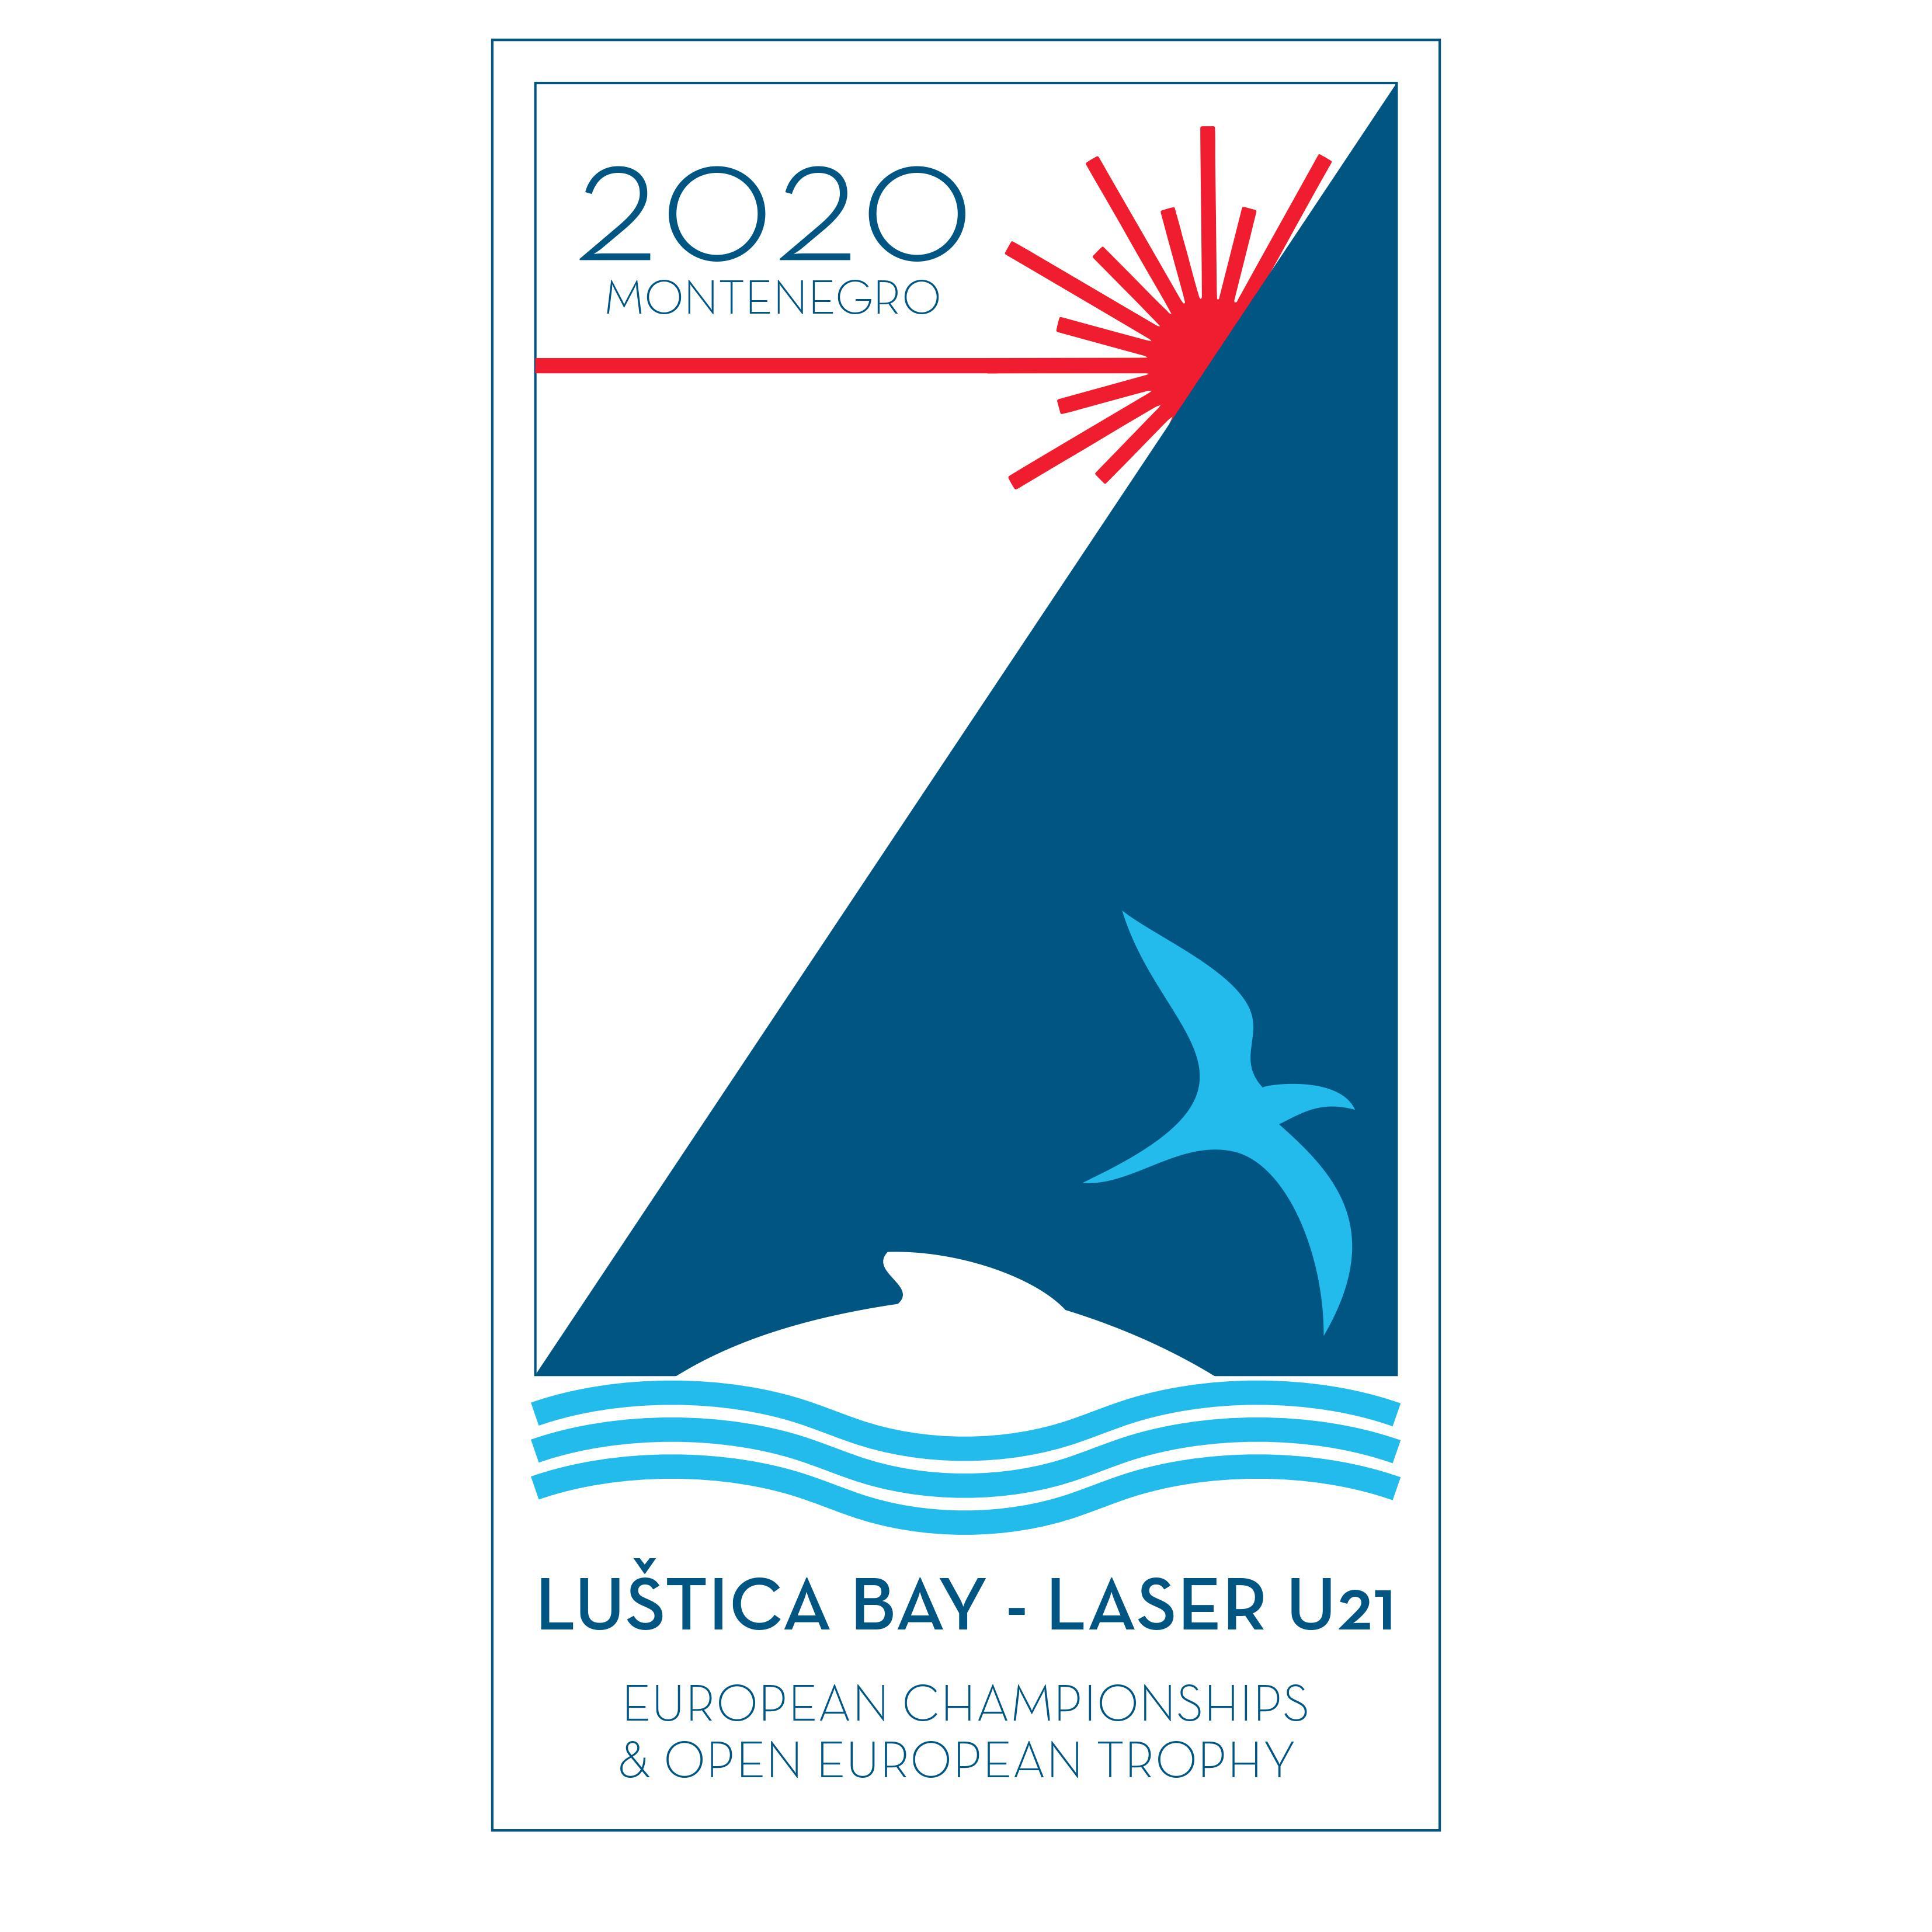 Under 21 European Laser Championships & Open European Trophy 2020